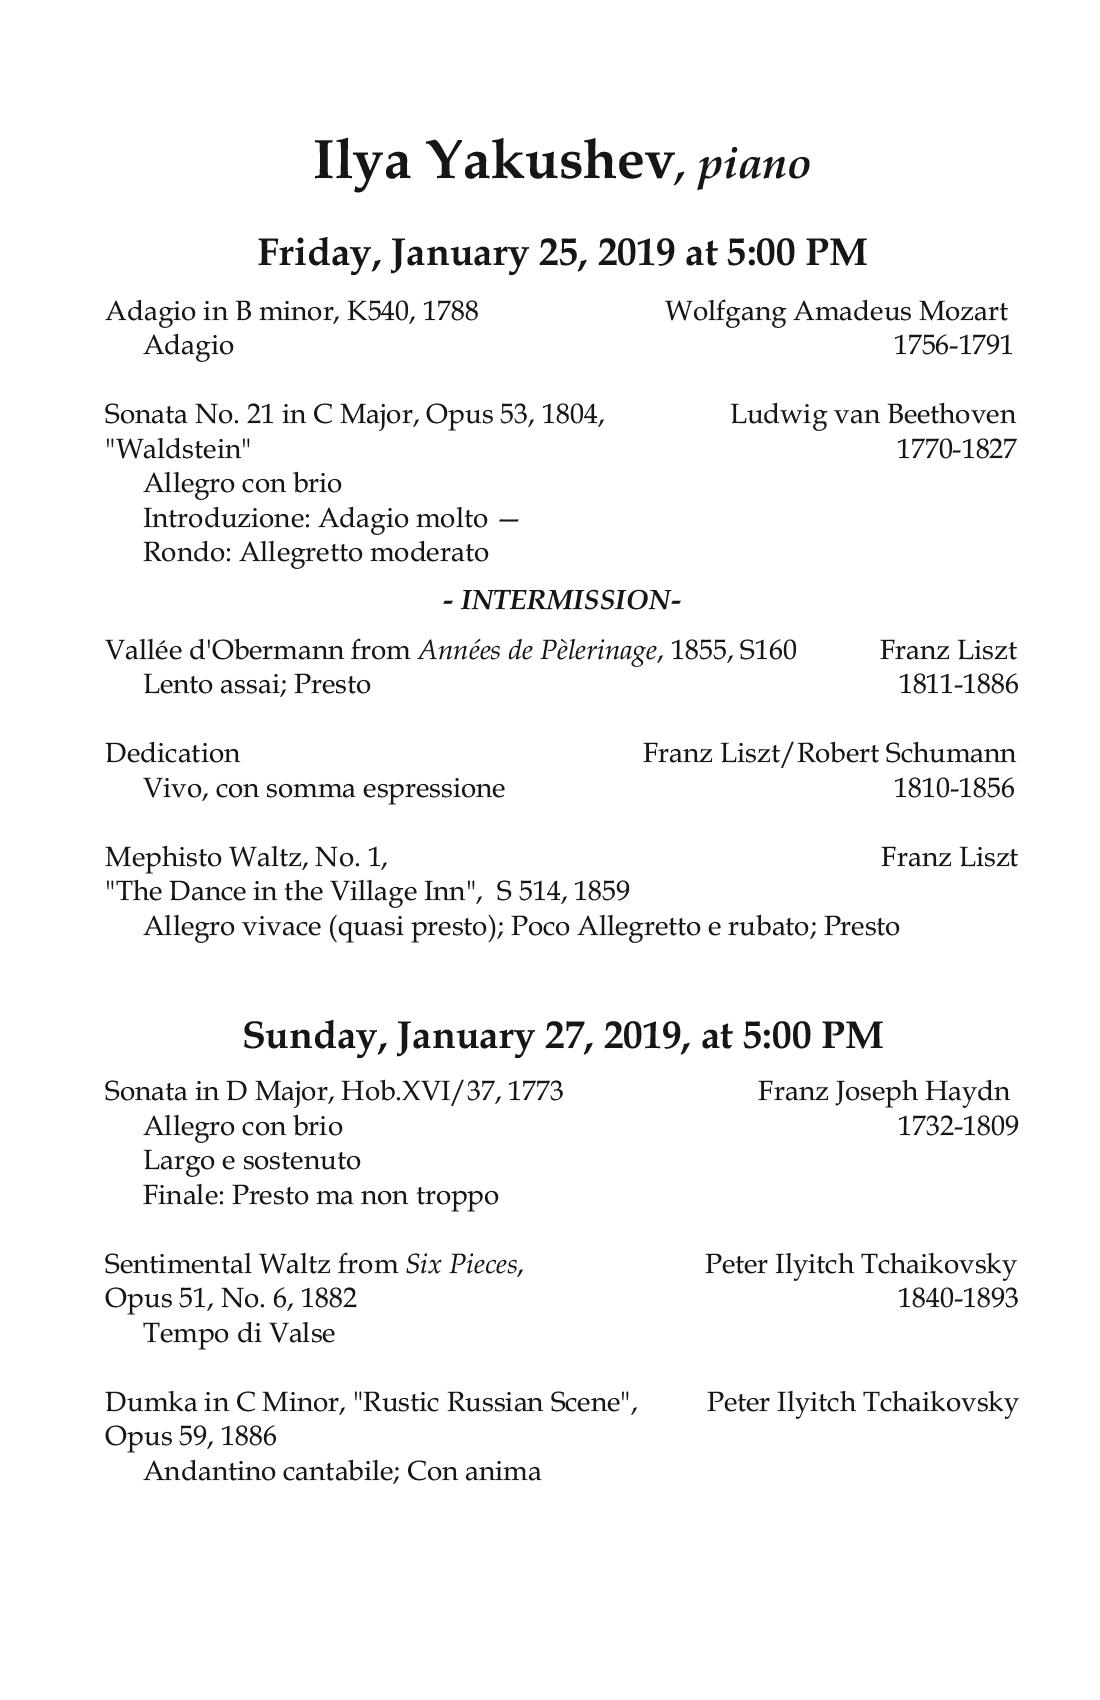 Promusica - program pages 2018-19-7.jpg